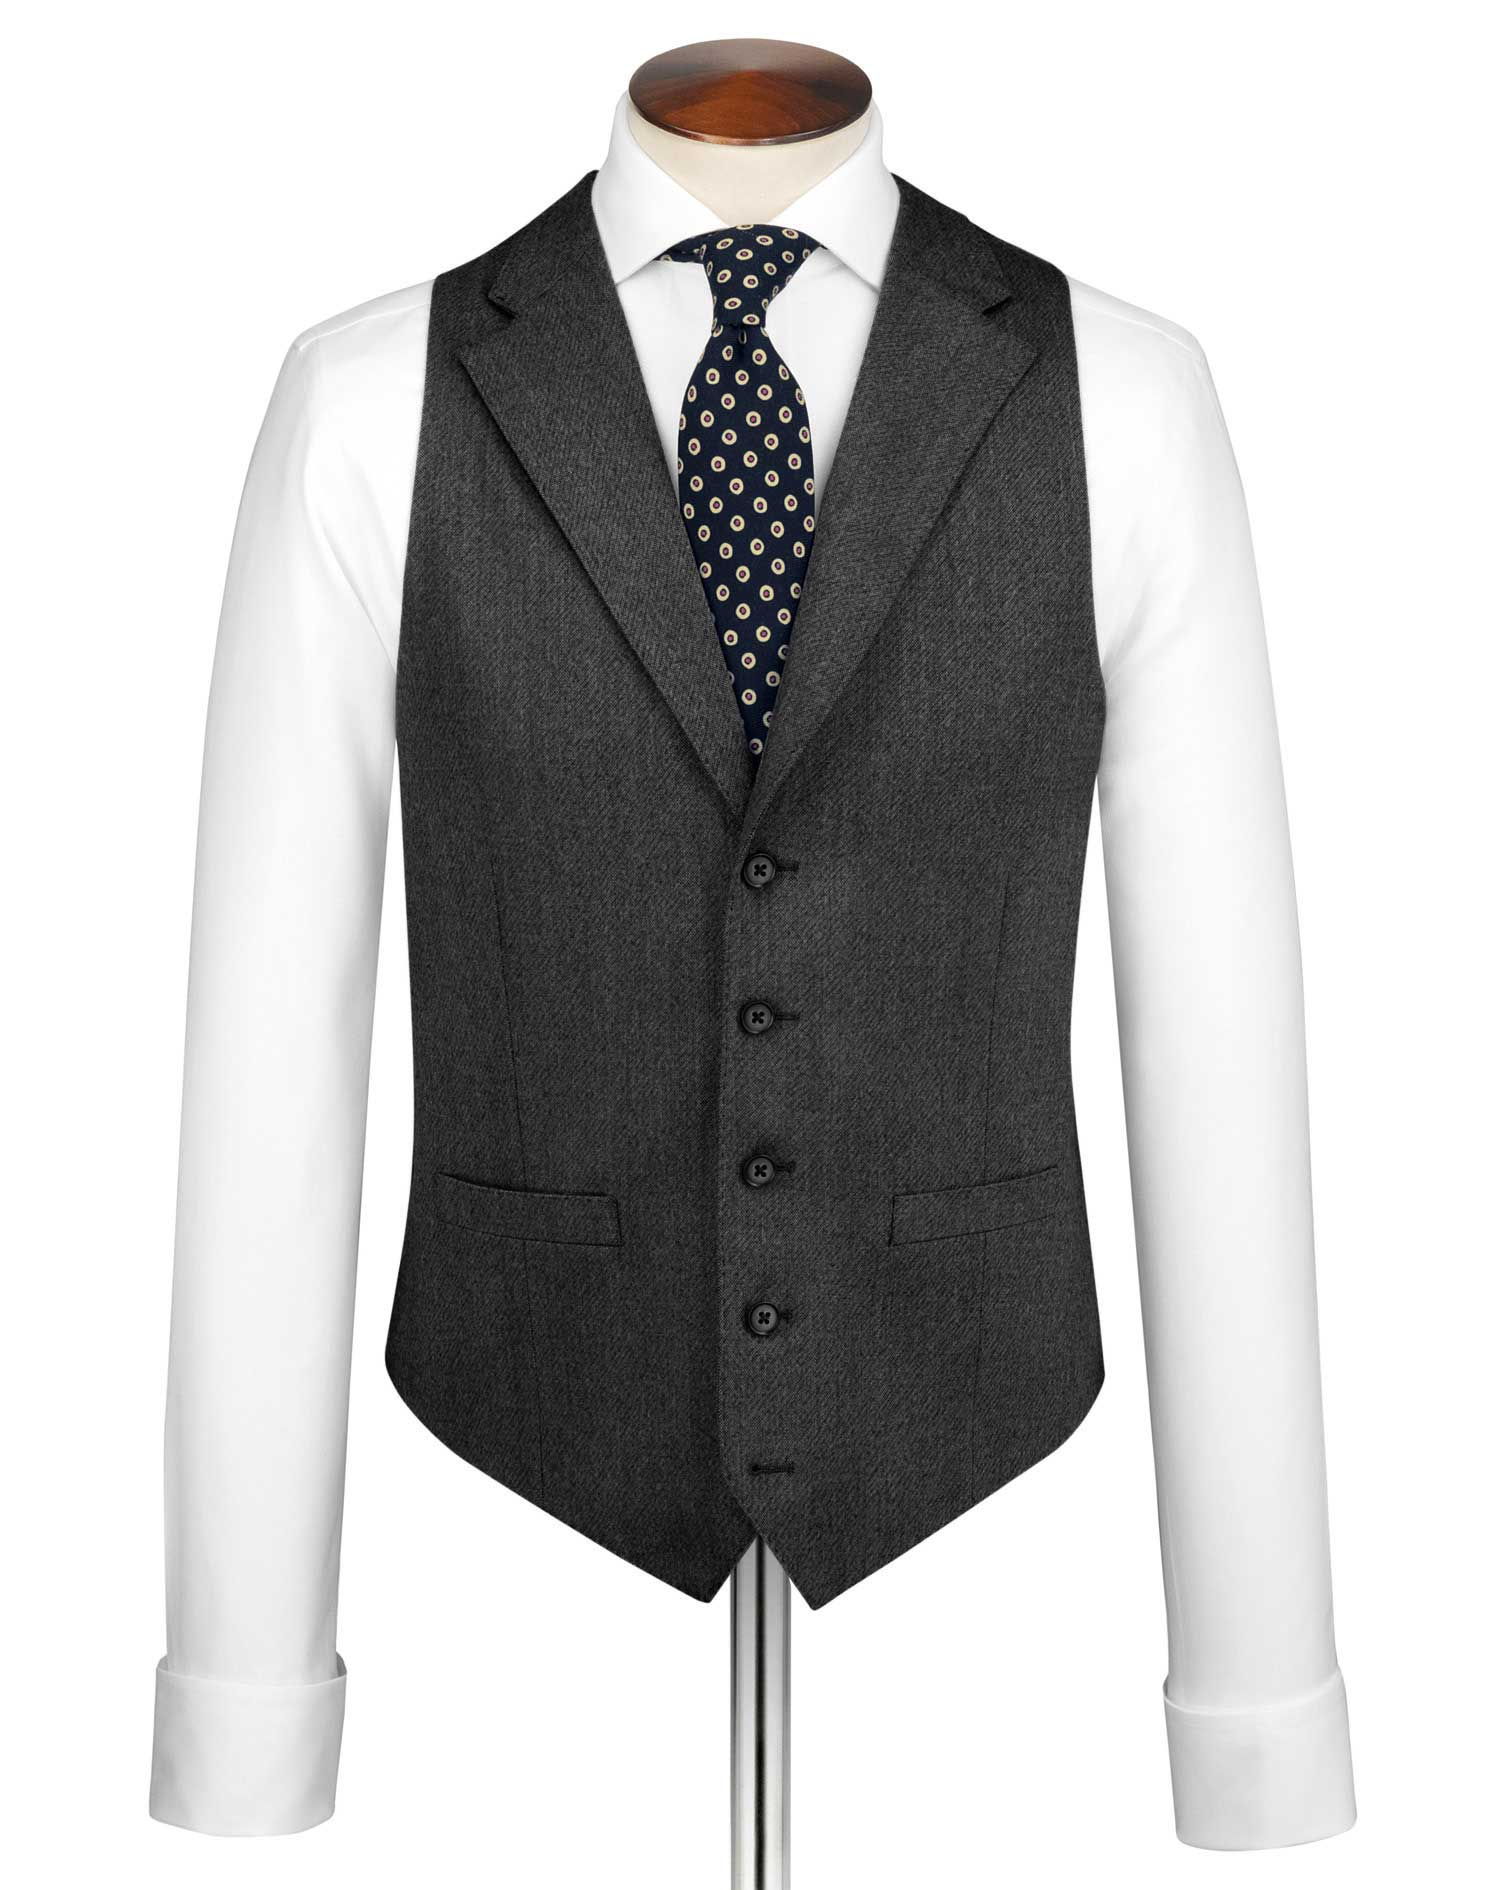 Grey Saxony Business Suit Wool Waistcoat Size w40 by Charles Tyrwhitt